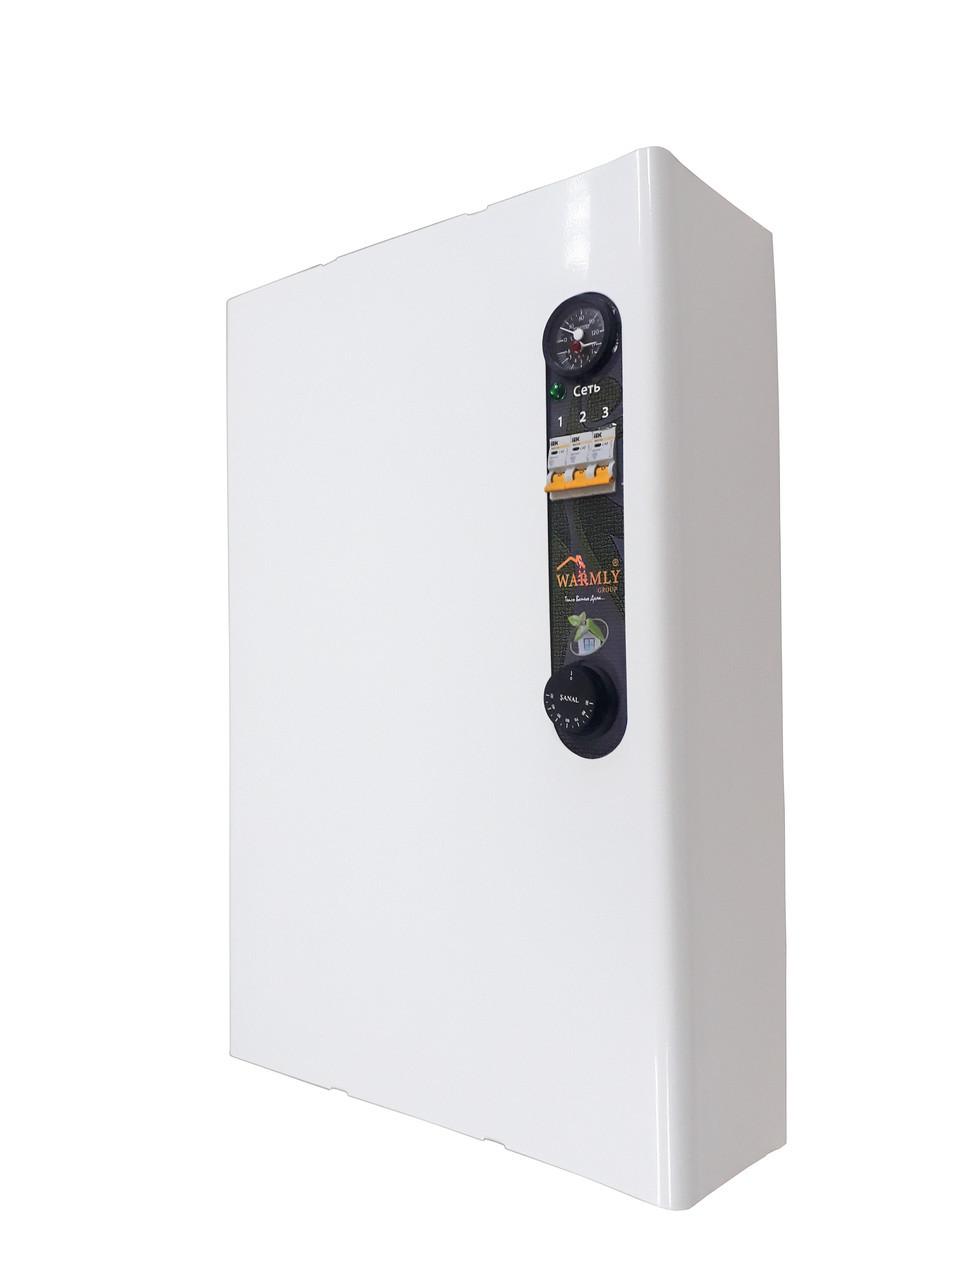 Електрокотел Warmly PRO 24 кВт 380в. Модульний контактор (т. х)